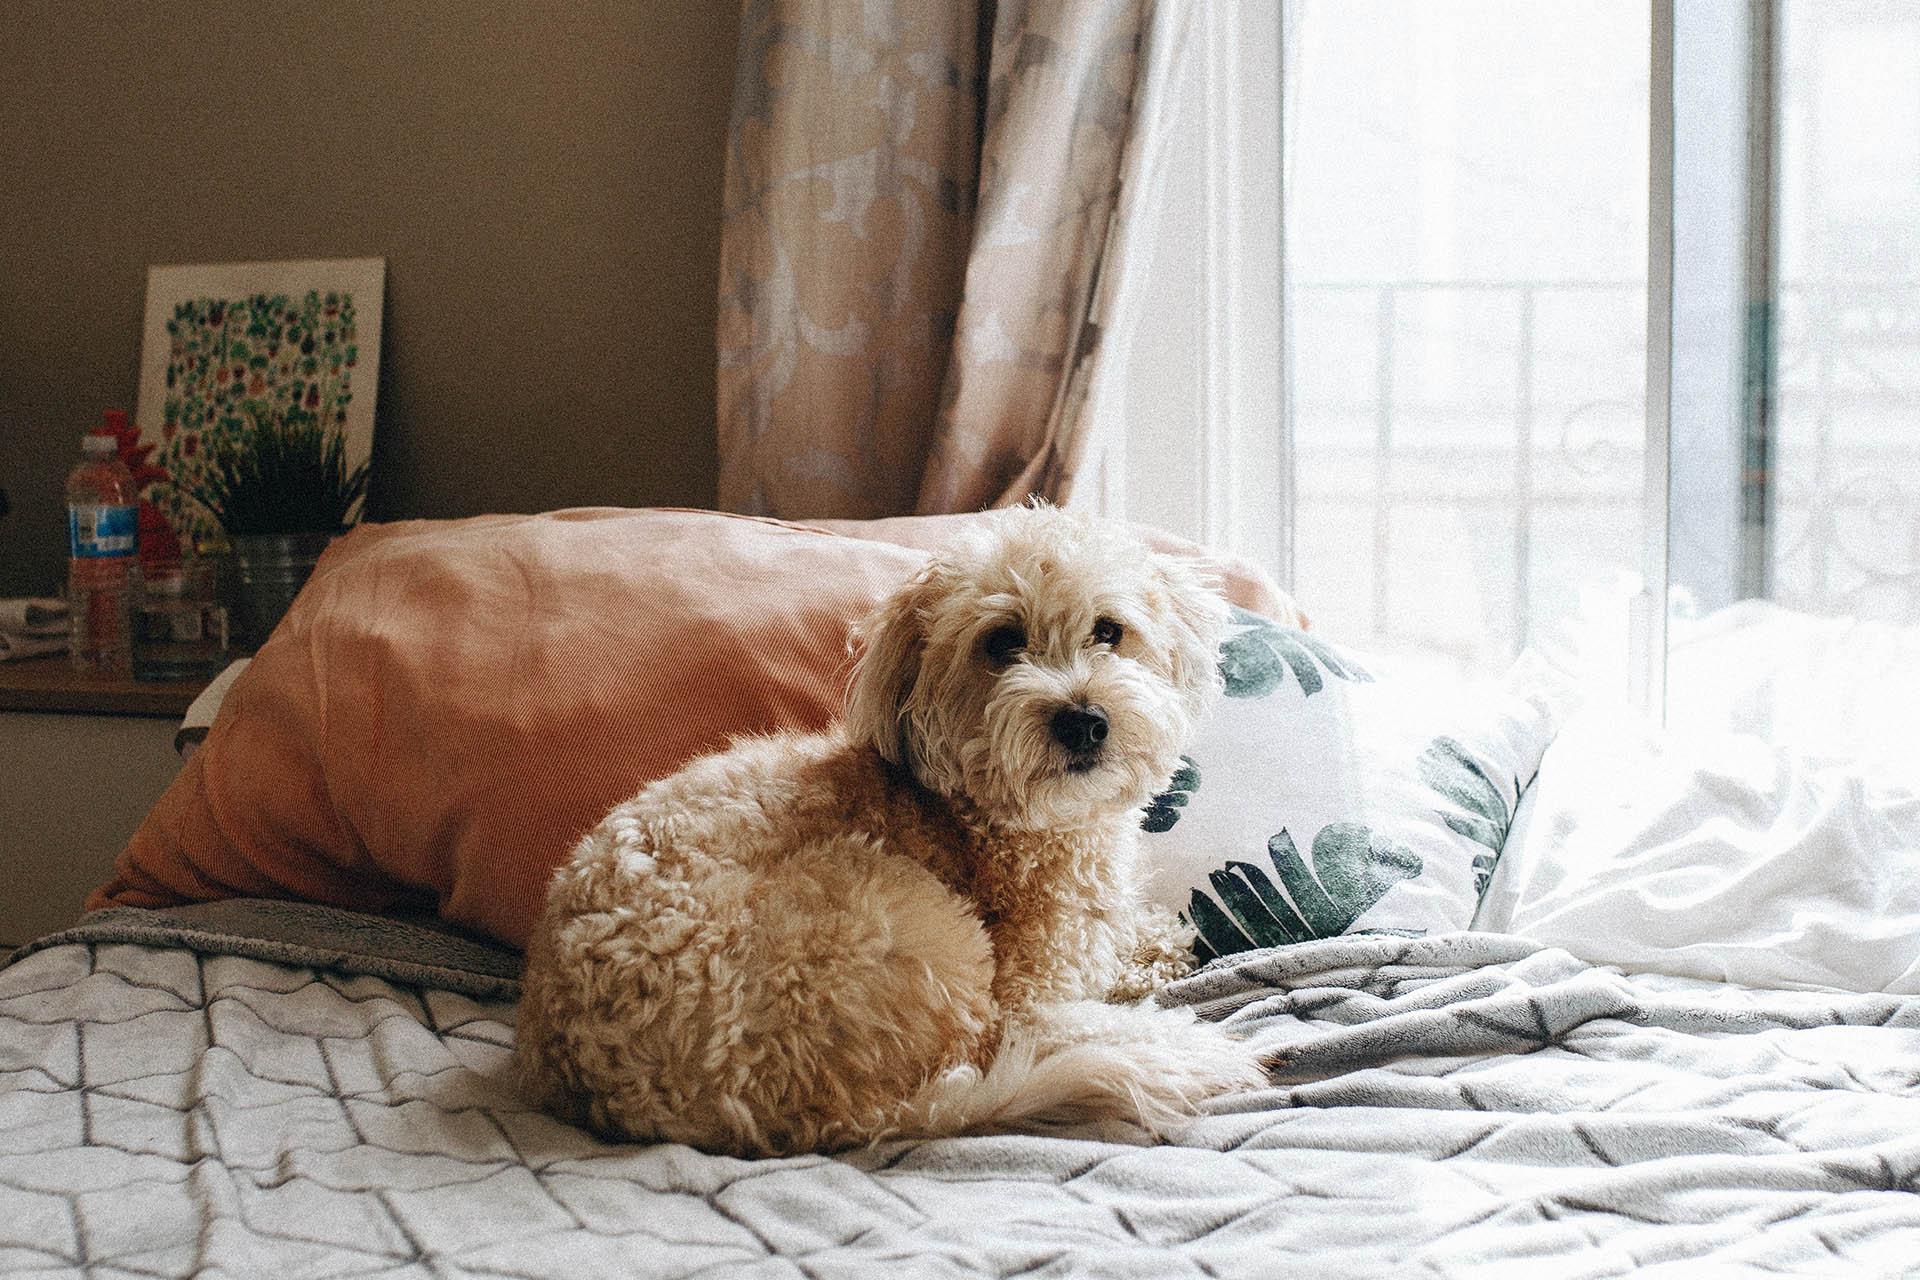 Tänk på att våra hundar är extra känsliga mot värmen. Ett tips är att köpa en kyldyna så hunden får en sval yta att vila på.